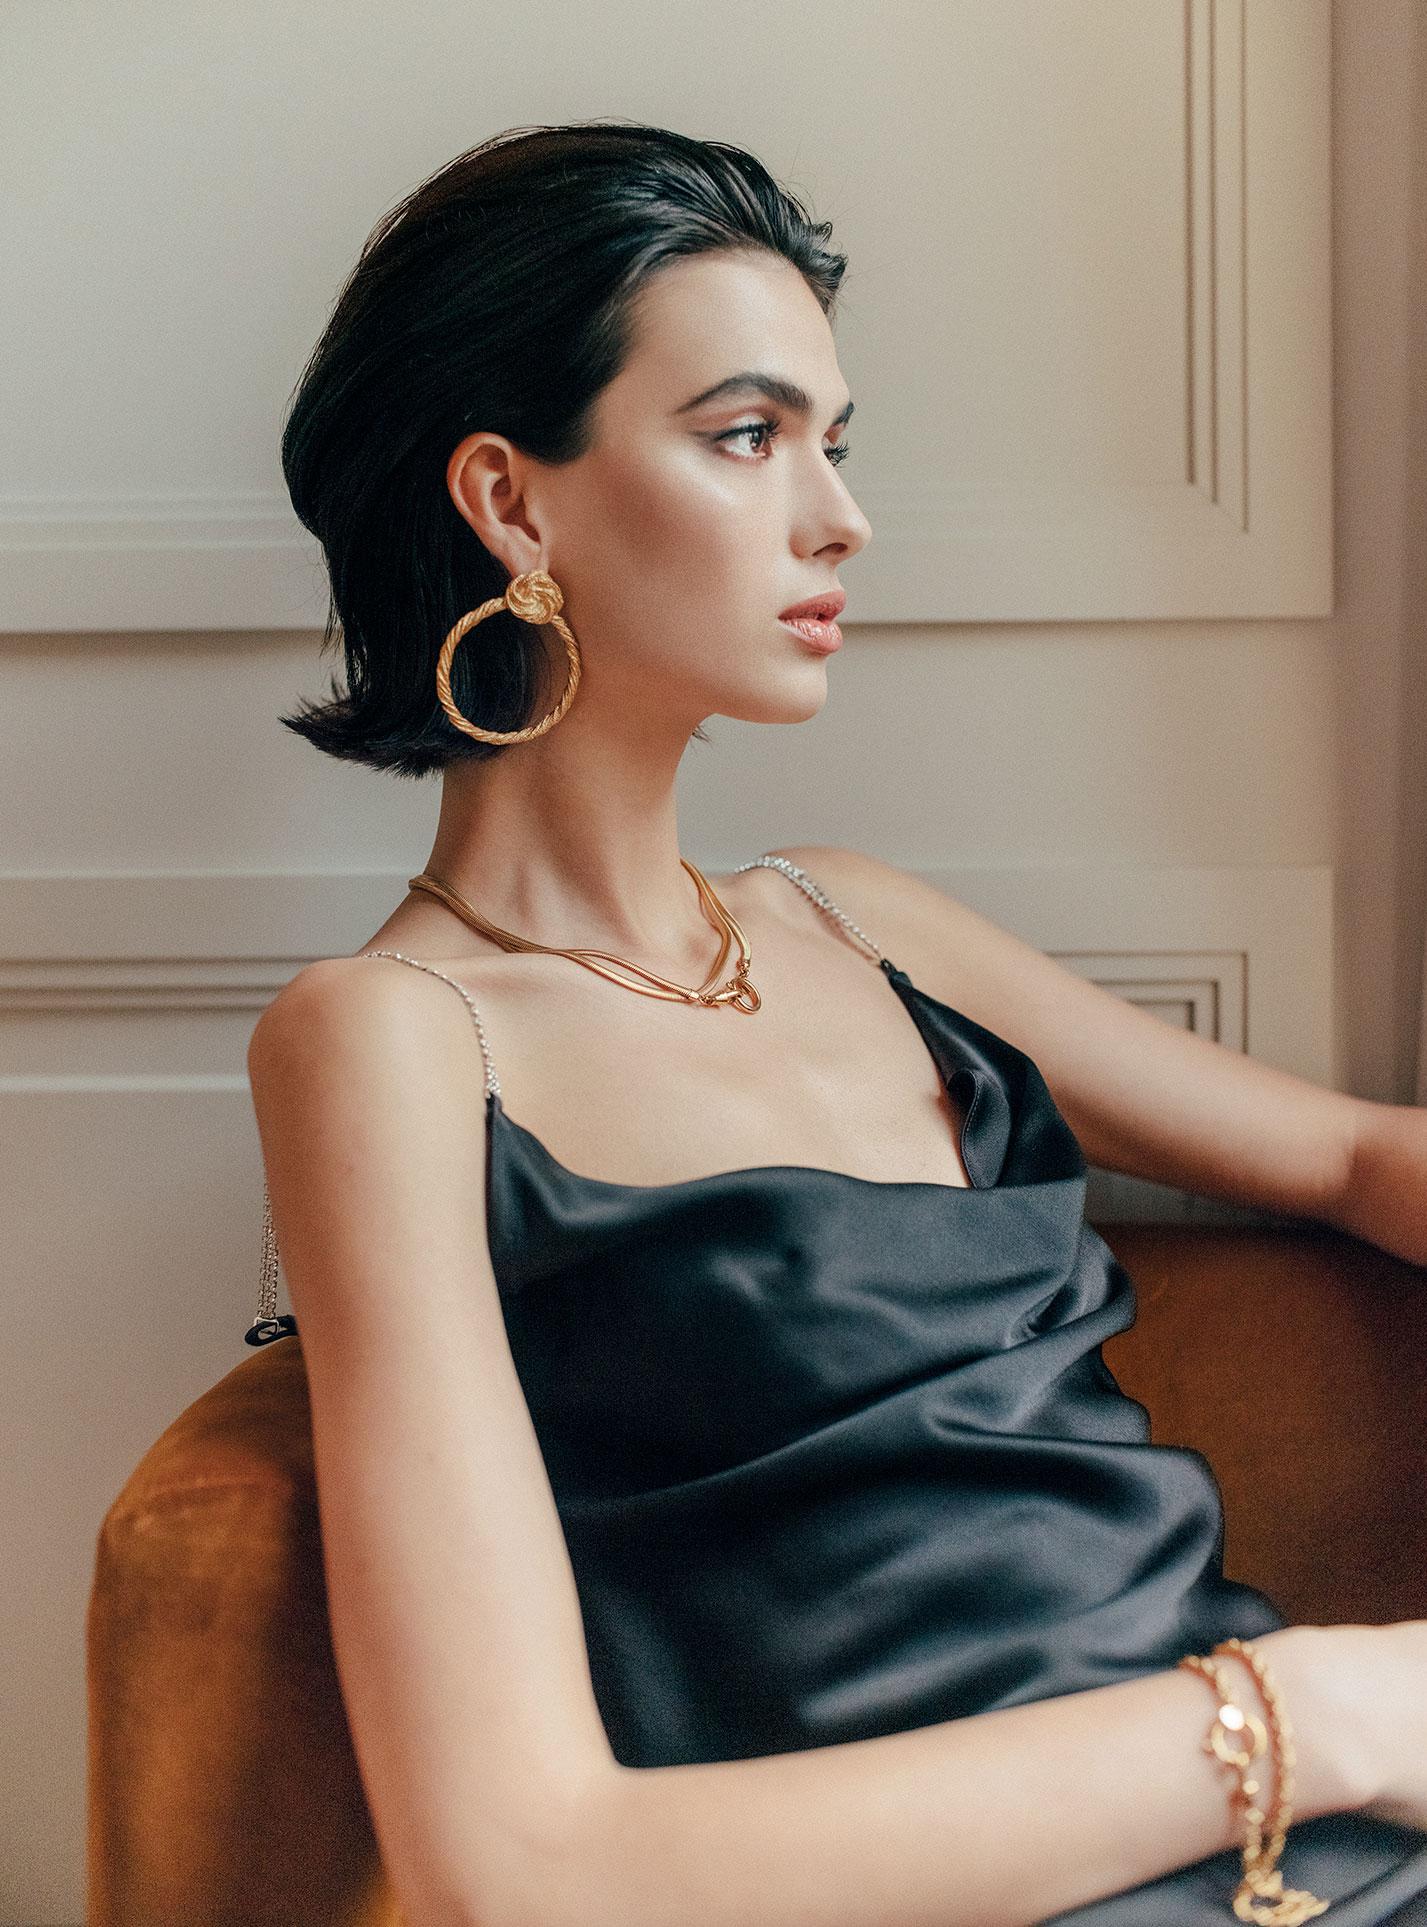 рекламная кампания парижского ювелирного бренда Bonanza / фото 11